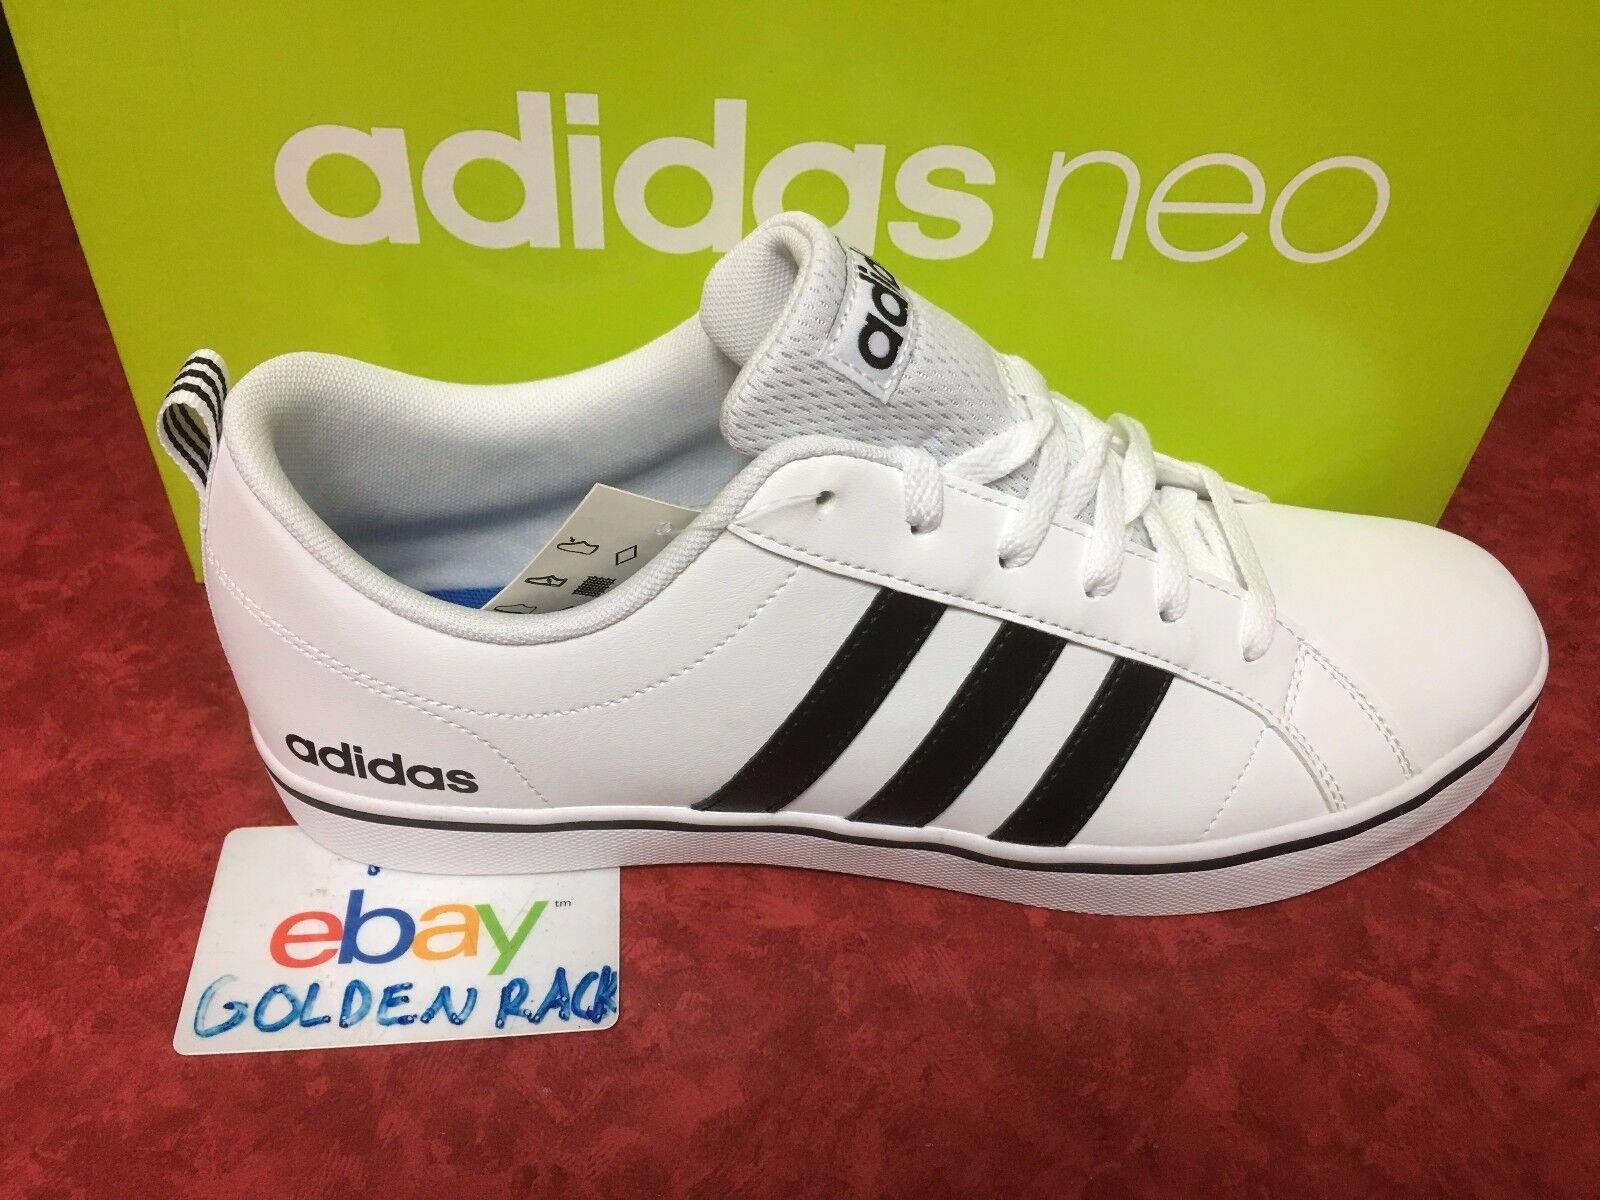 adidas neo - männer - schuhe, tempo und fashion sneakers, schuhe, - weiße, schwarze, blaue aw4594 nib 47b10d